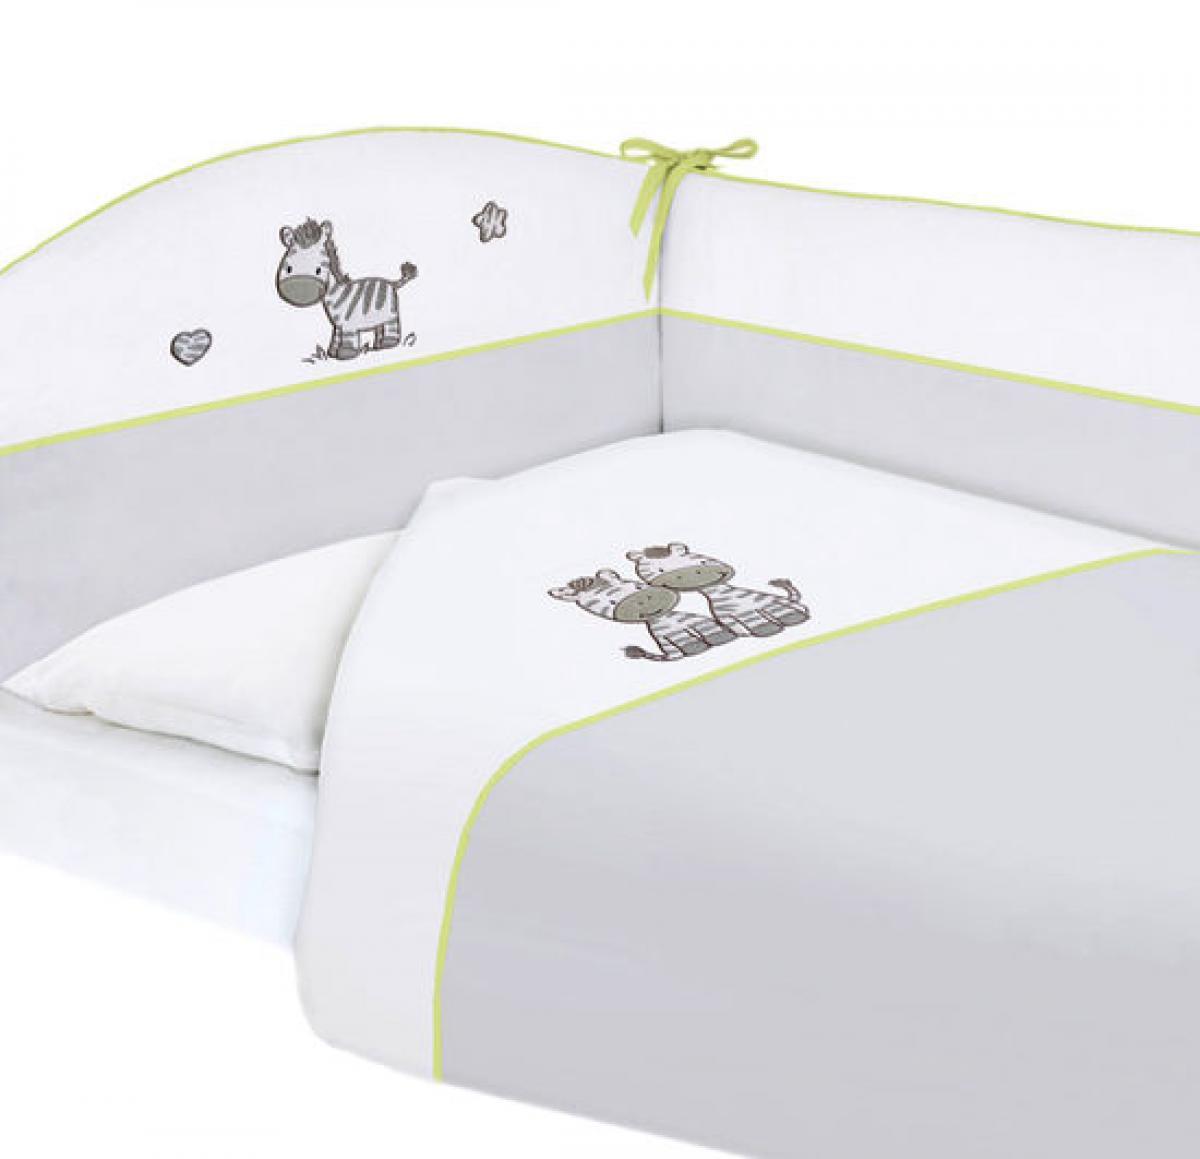 Preissturz Ceba Baby Bettumrandung Nest Mit Bettwäsche Für